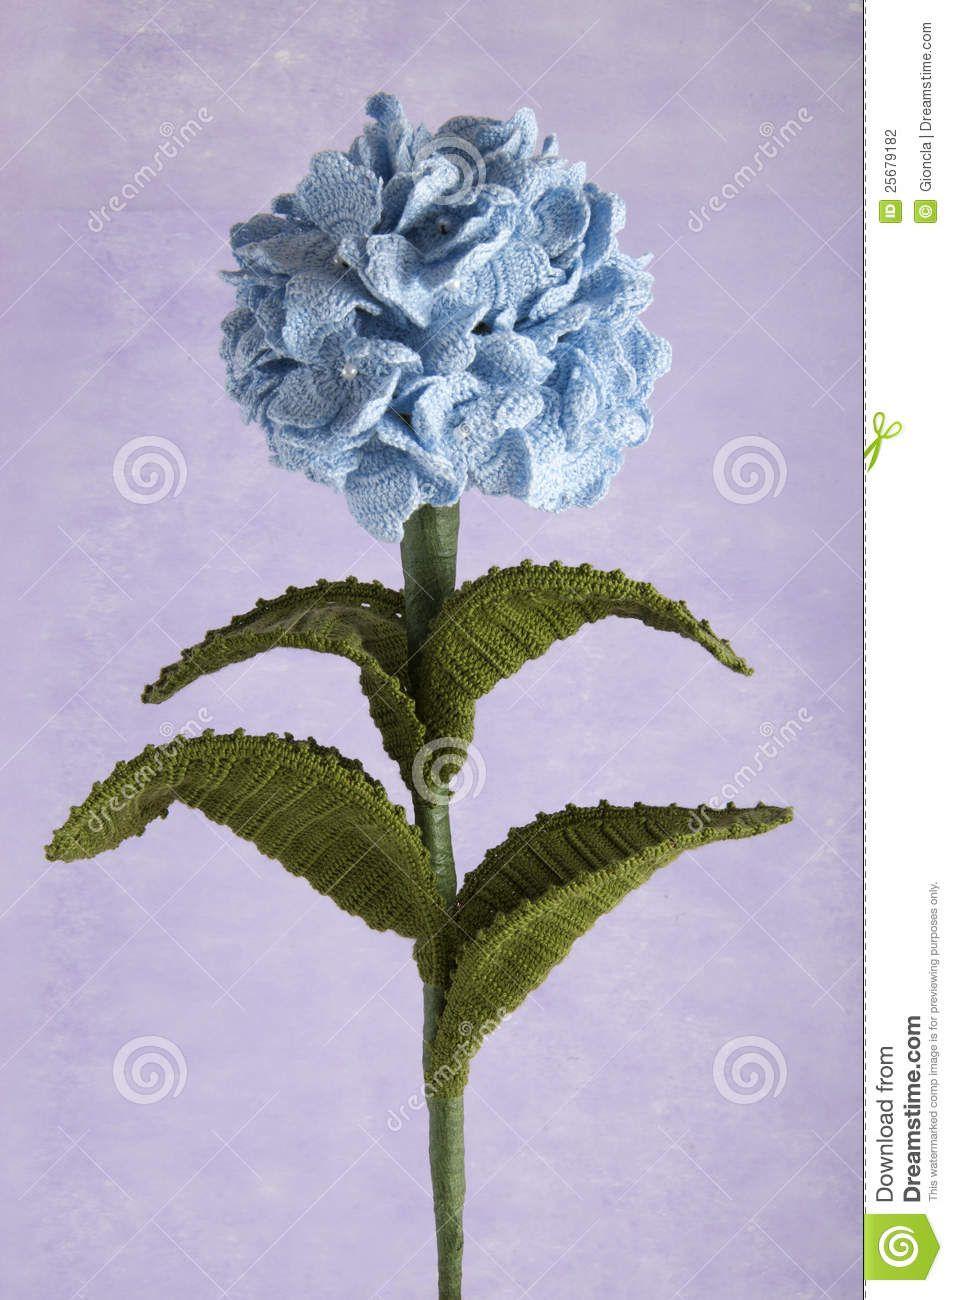 Haak Bloemen Blauwe Hydrangea Hortensia Downloaden Van Meer Dan 40